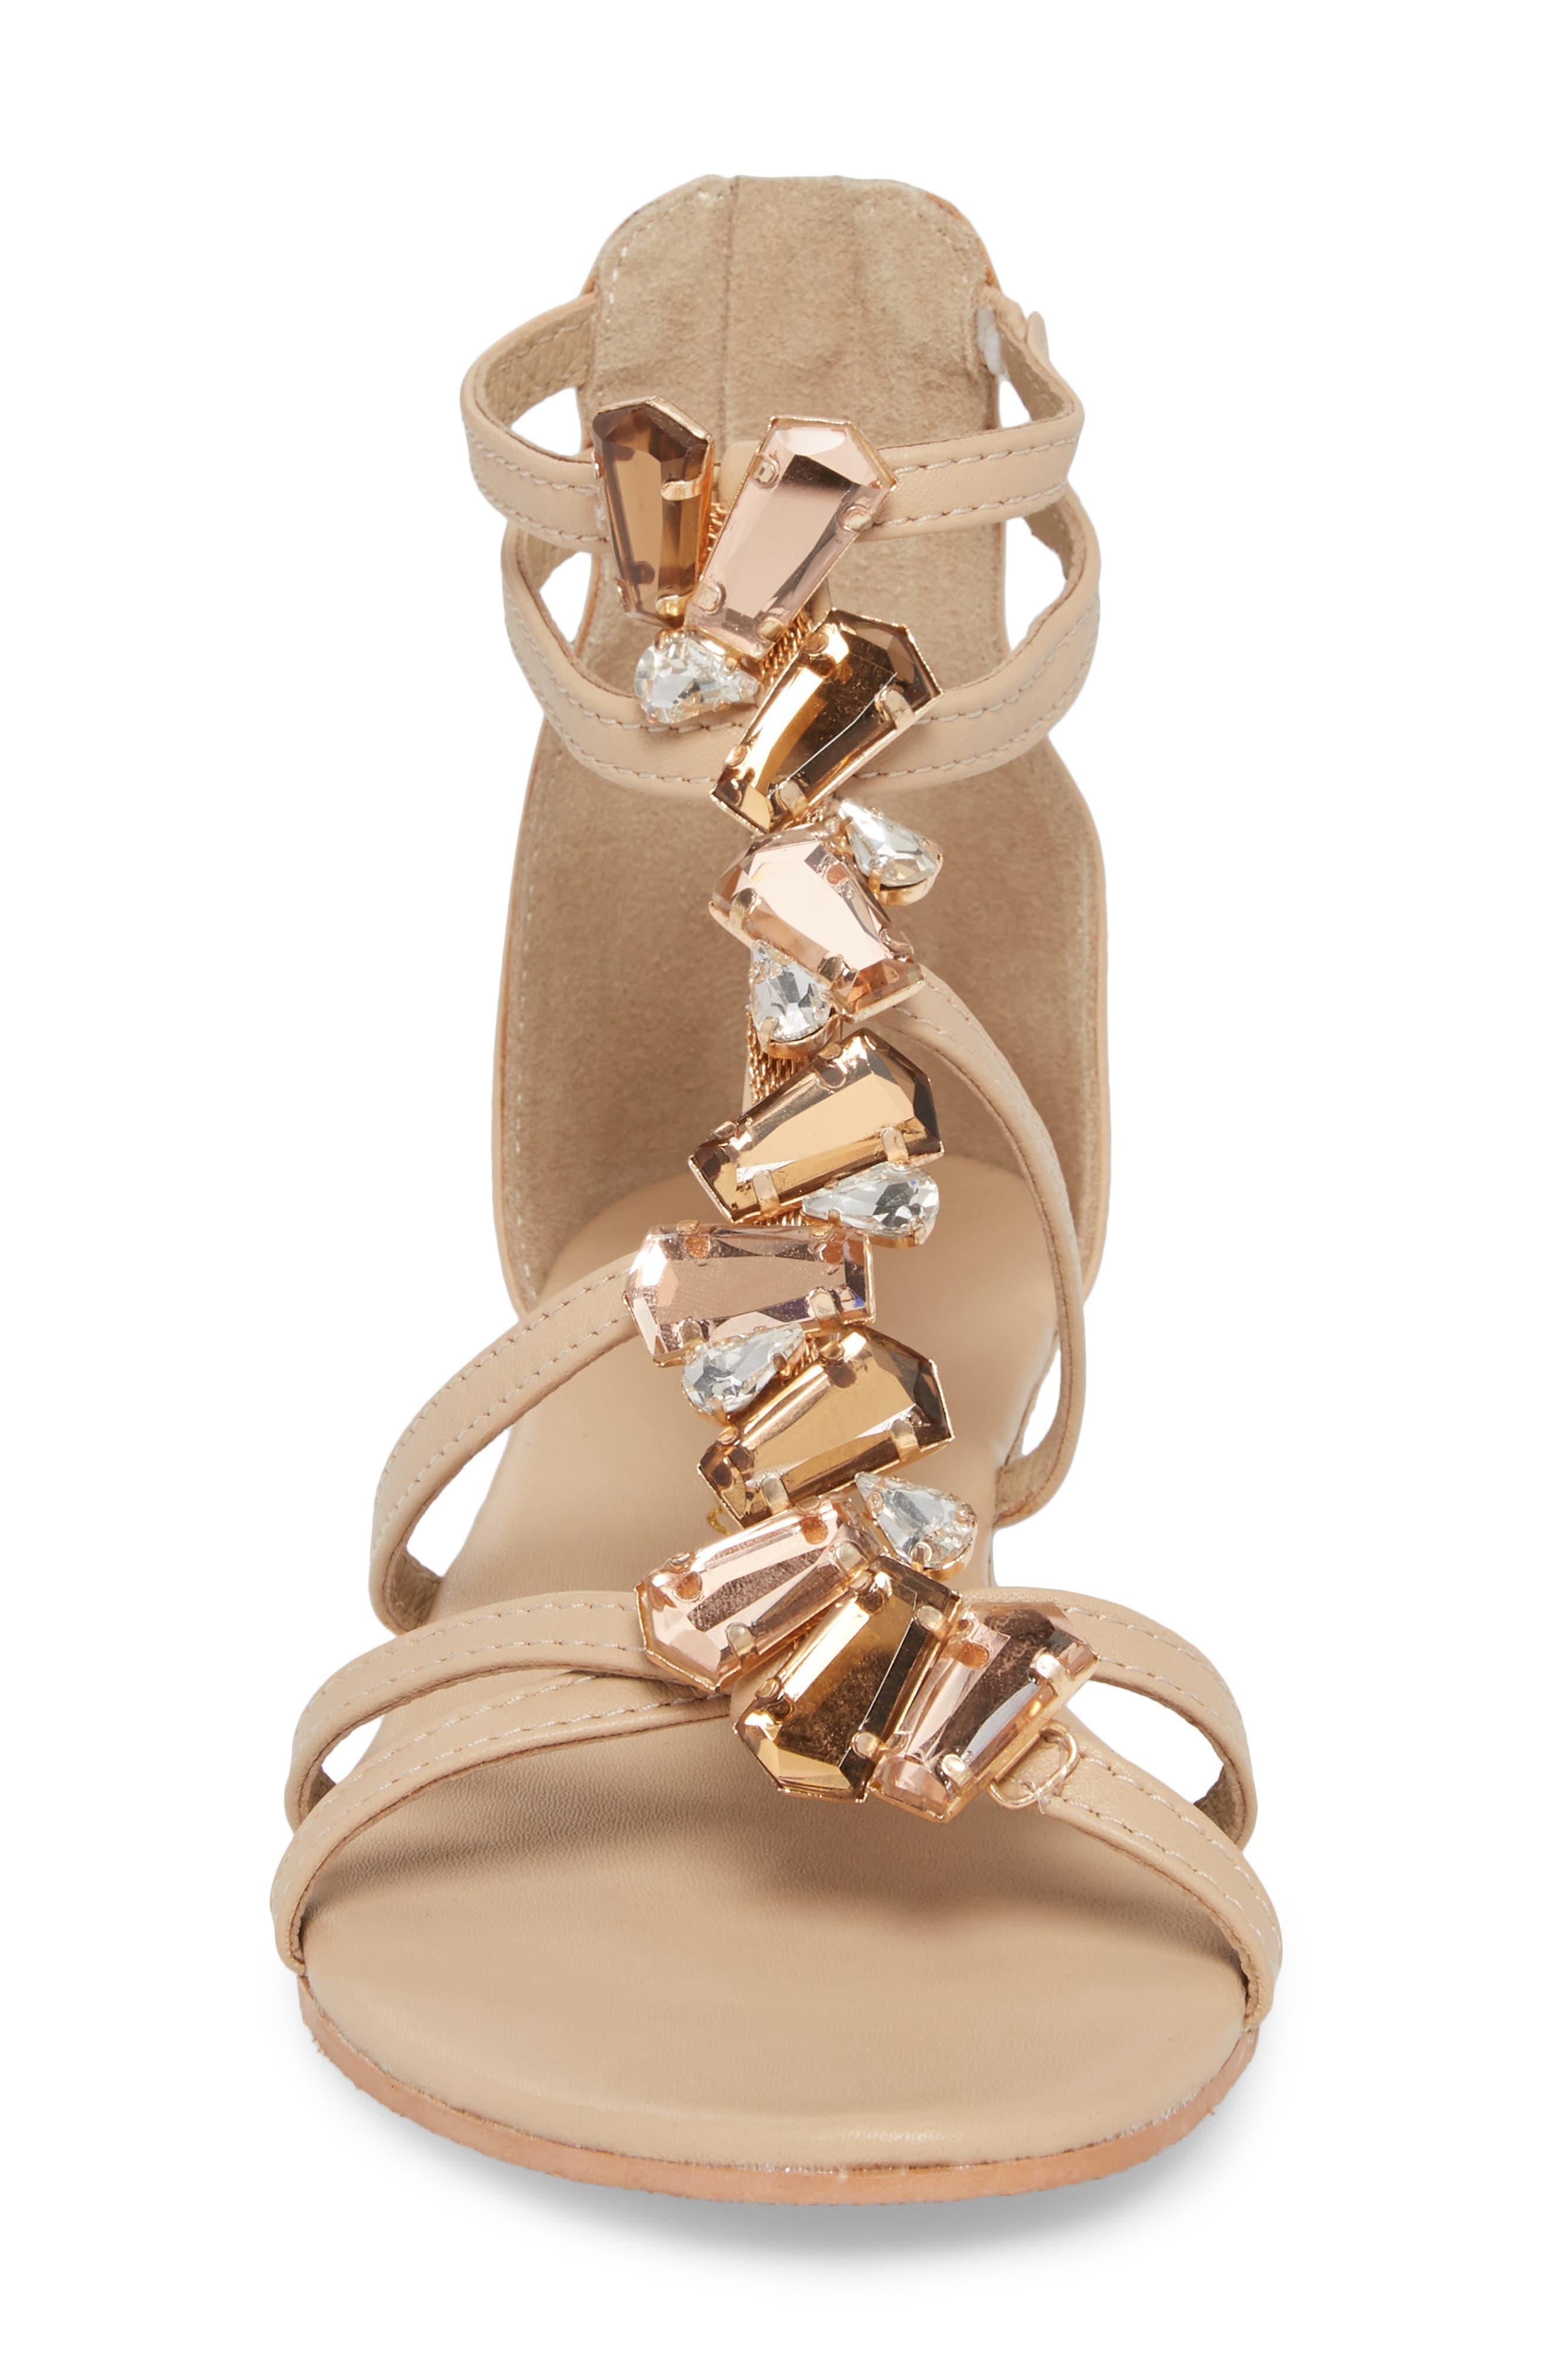 Didi Crystal Embellished Sandal,                             Alternate thumbnail 4, color,                             NATURAL LEATHER